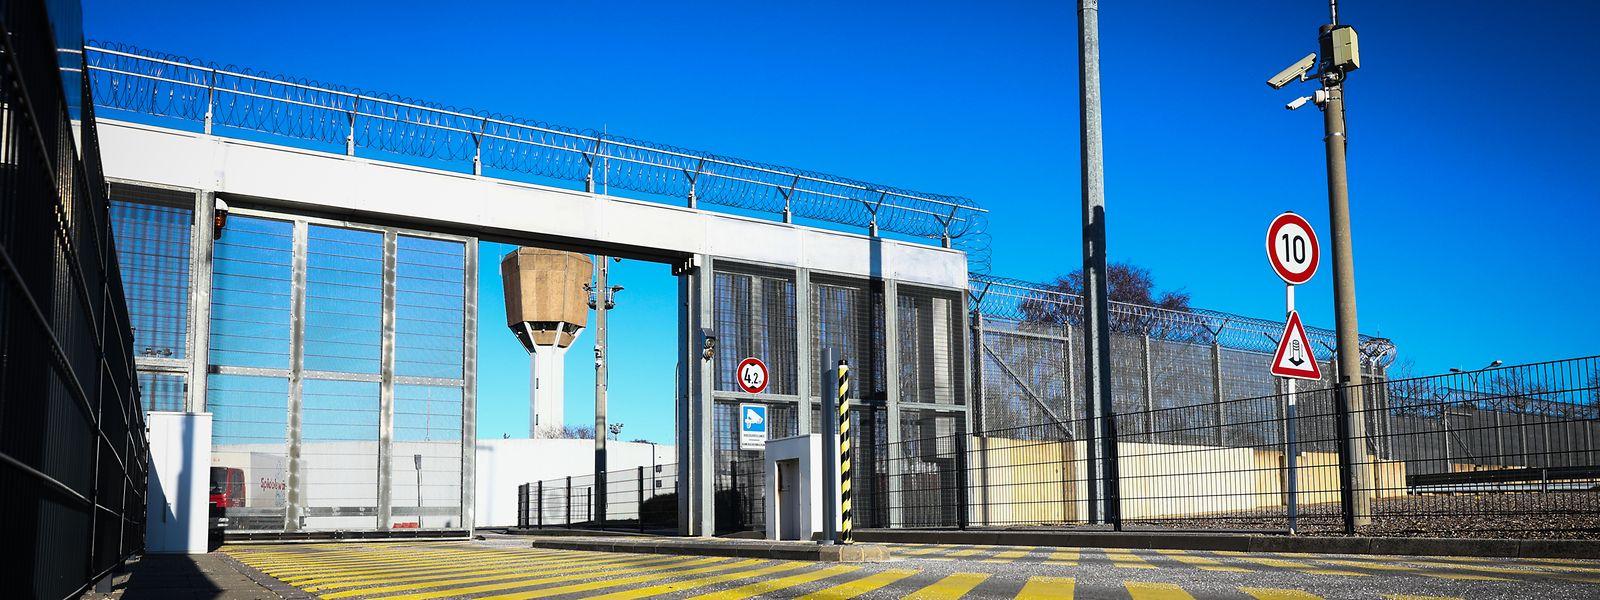 Es gibt konkrete Überlegungen dazu, die Haftanstalt Schrassig, die in den 1970er-Jahren geplant wurde, in zwei Phasen abzureißen und durch eine hochmoderne Anstalt an gleicher Stelle zu ersetzen.